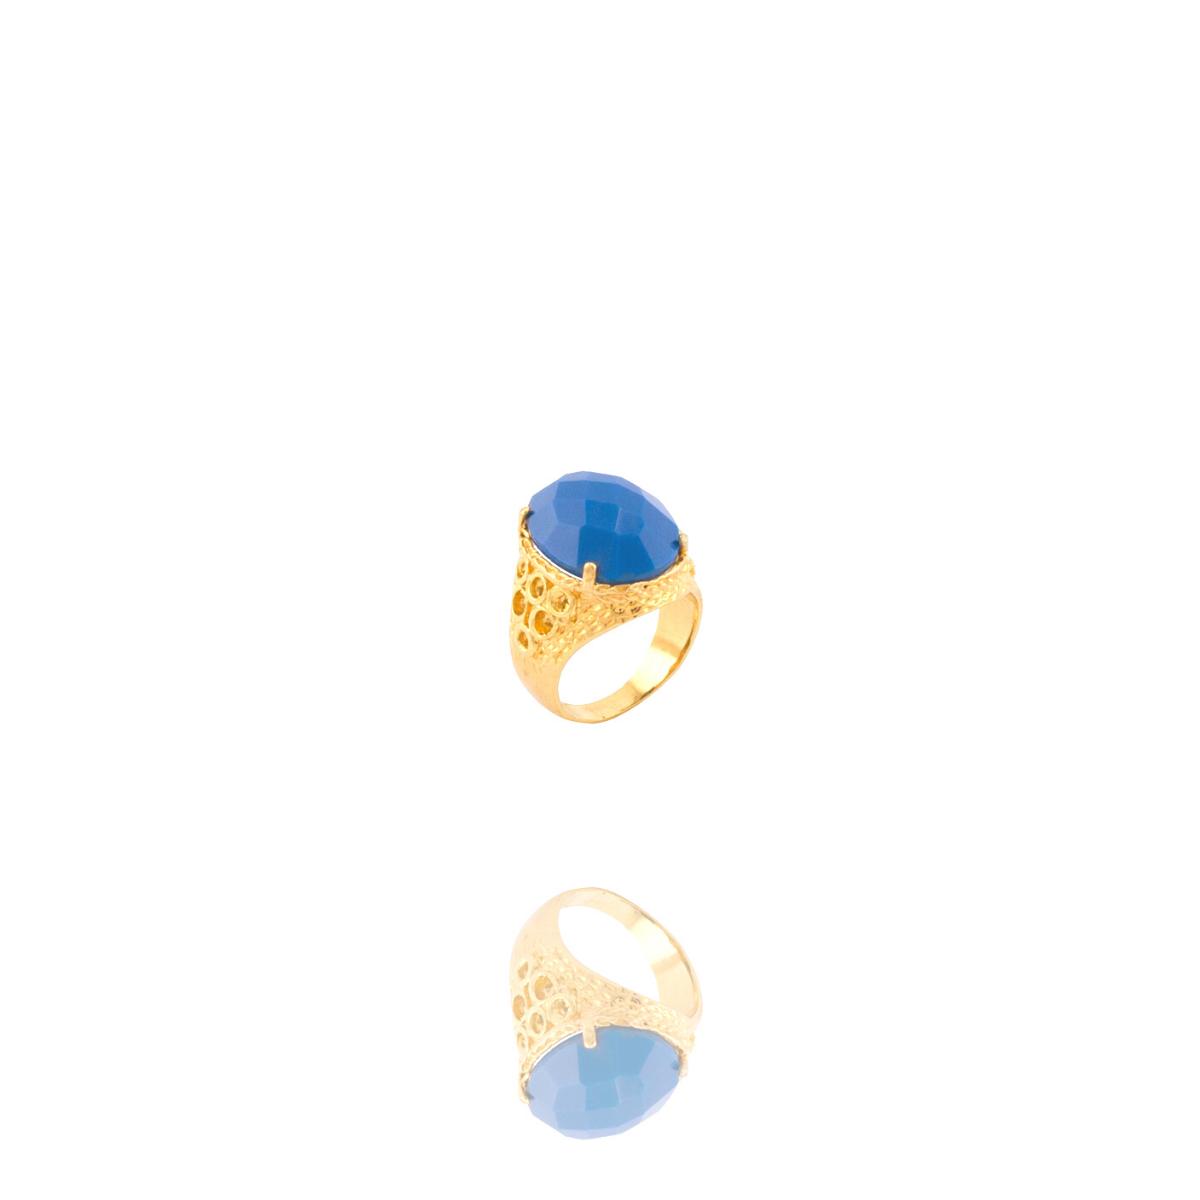 Anel Barbara Strauss Semi Joia Boston Em Resina Lalique Azul, Rev. Em Ouro Amarelo 18K